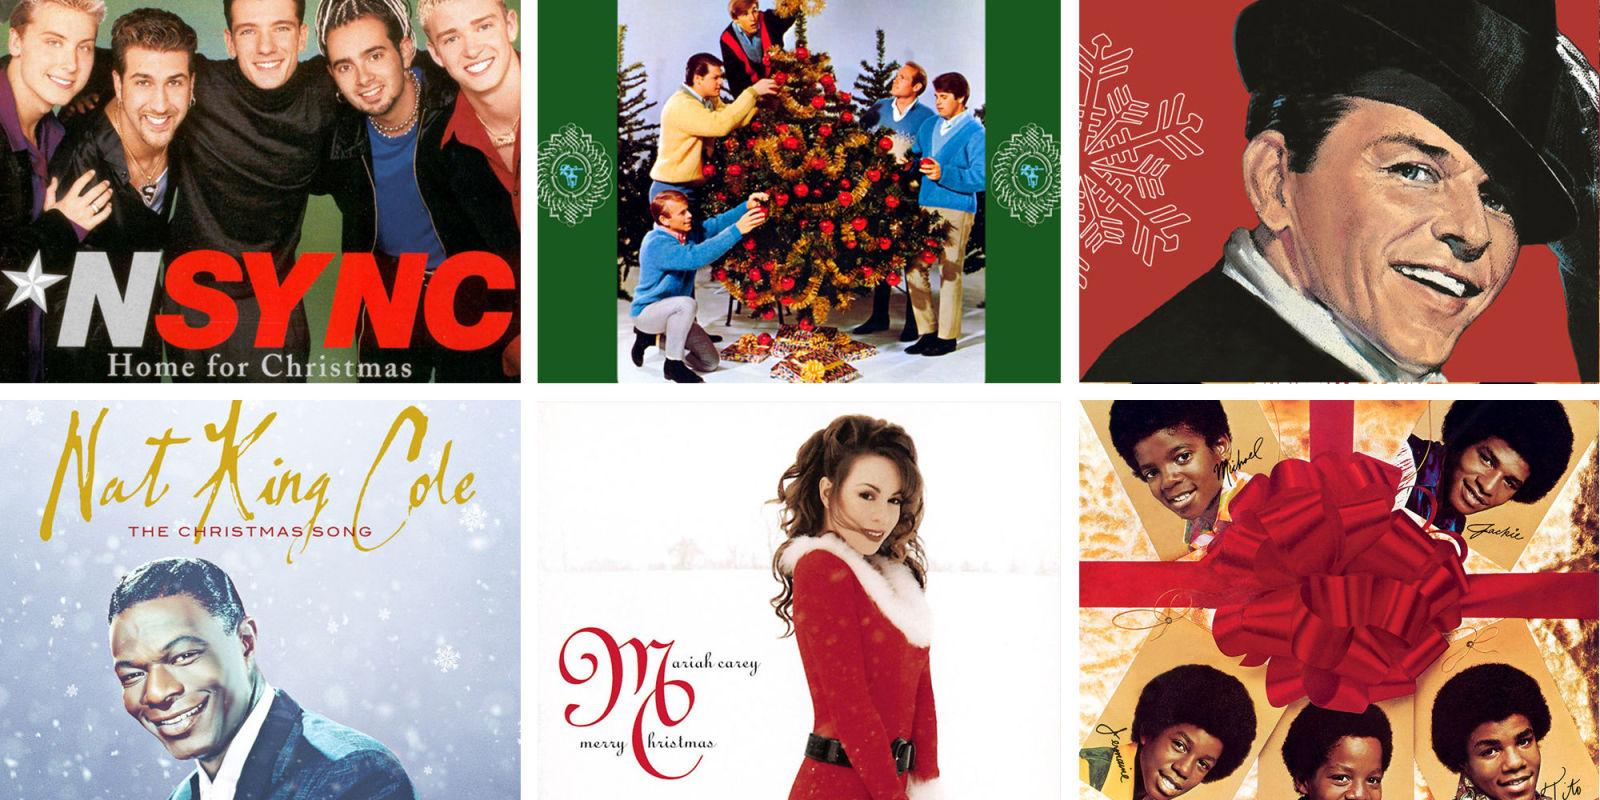 Best Christmas Albums.30 Best Christmas Albums Of All Time Christmas Albums To